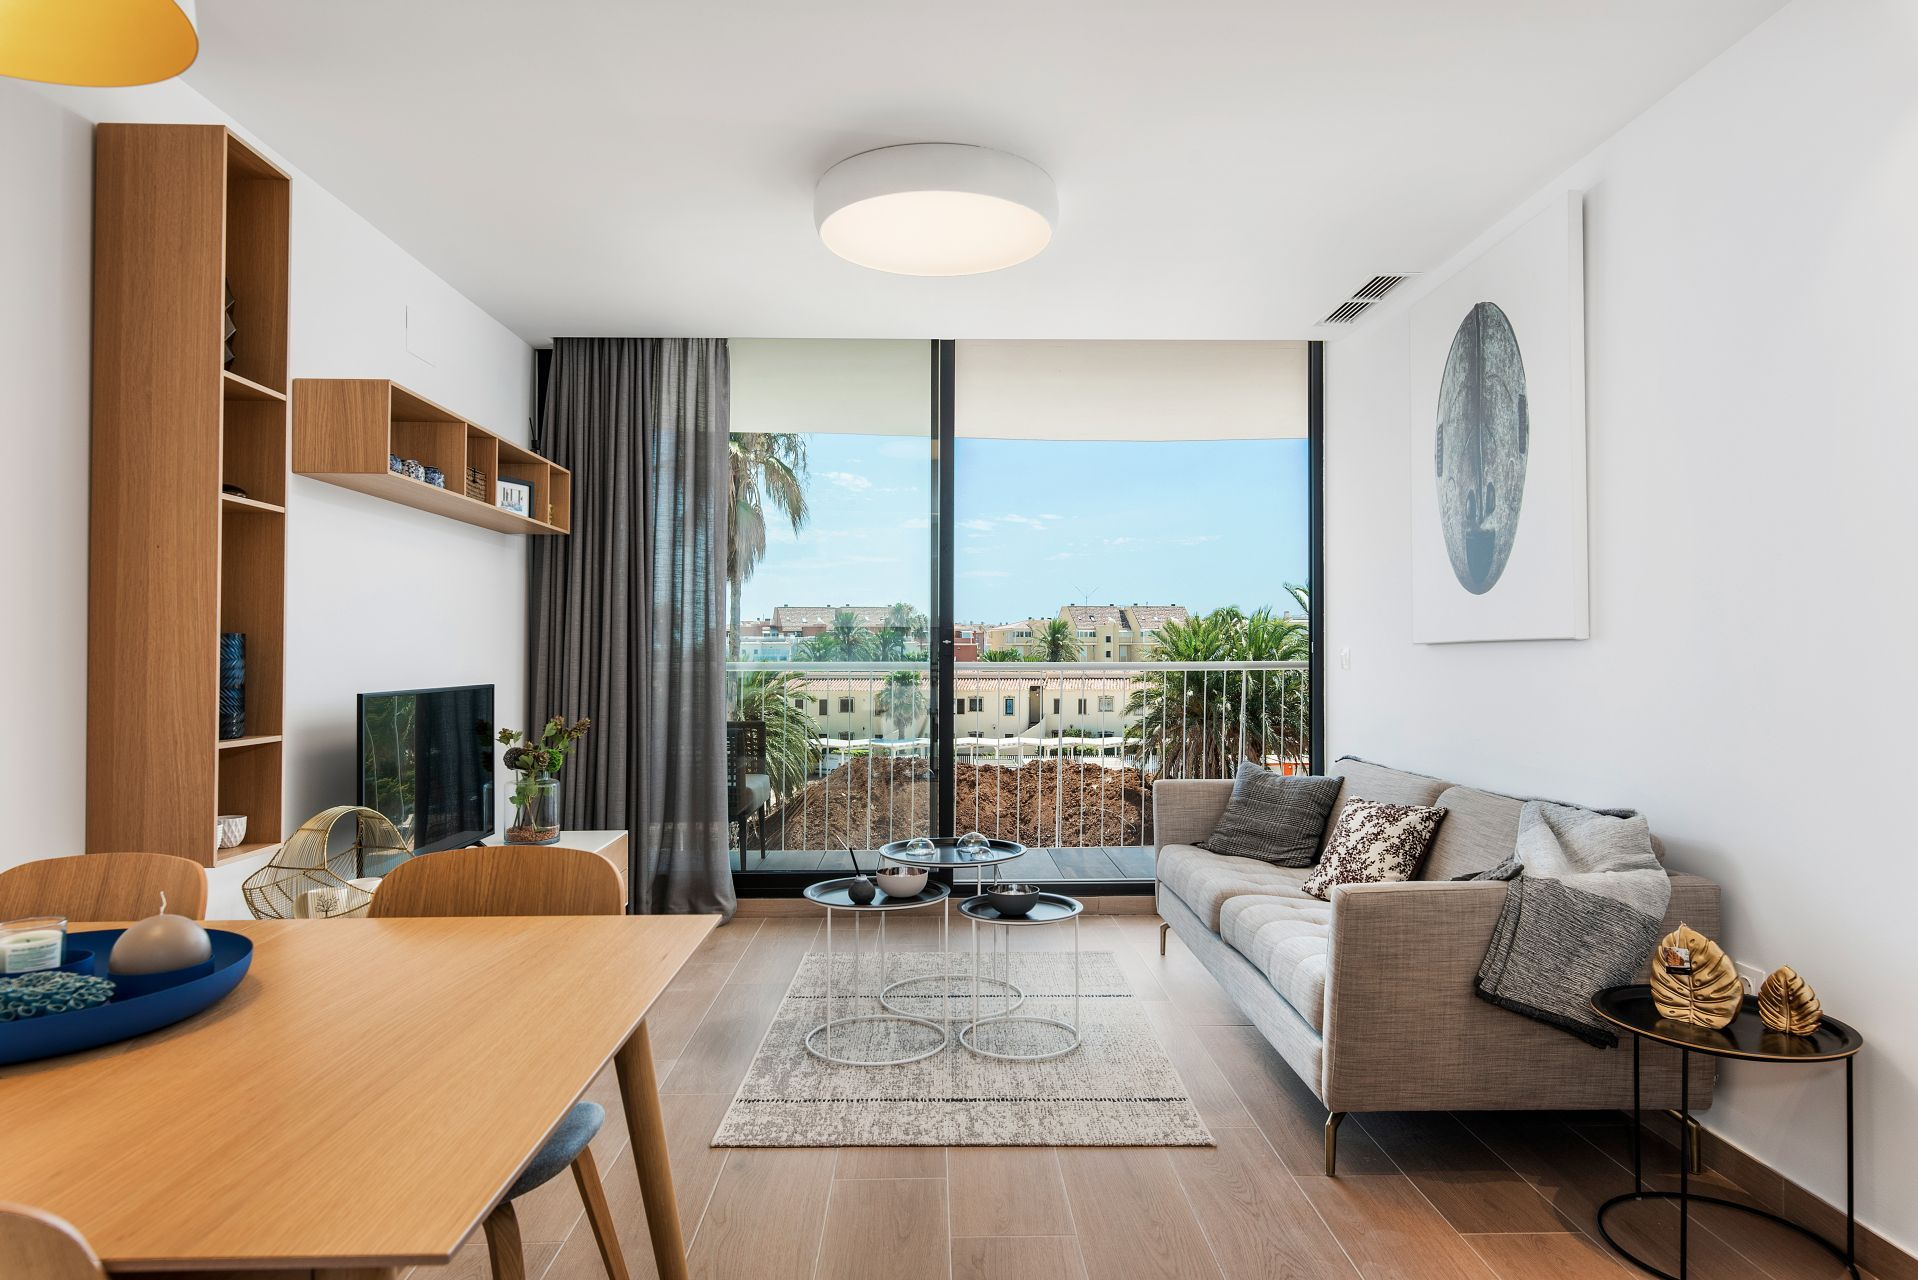 Fotogalería - 8 - Olea-Home | Real Estate en Orba y Teulada-Moraira |